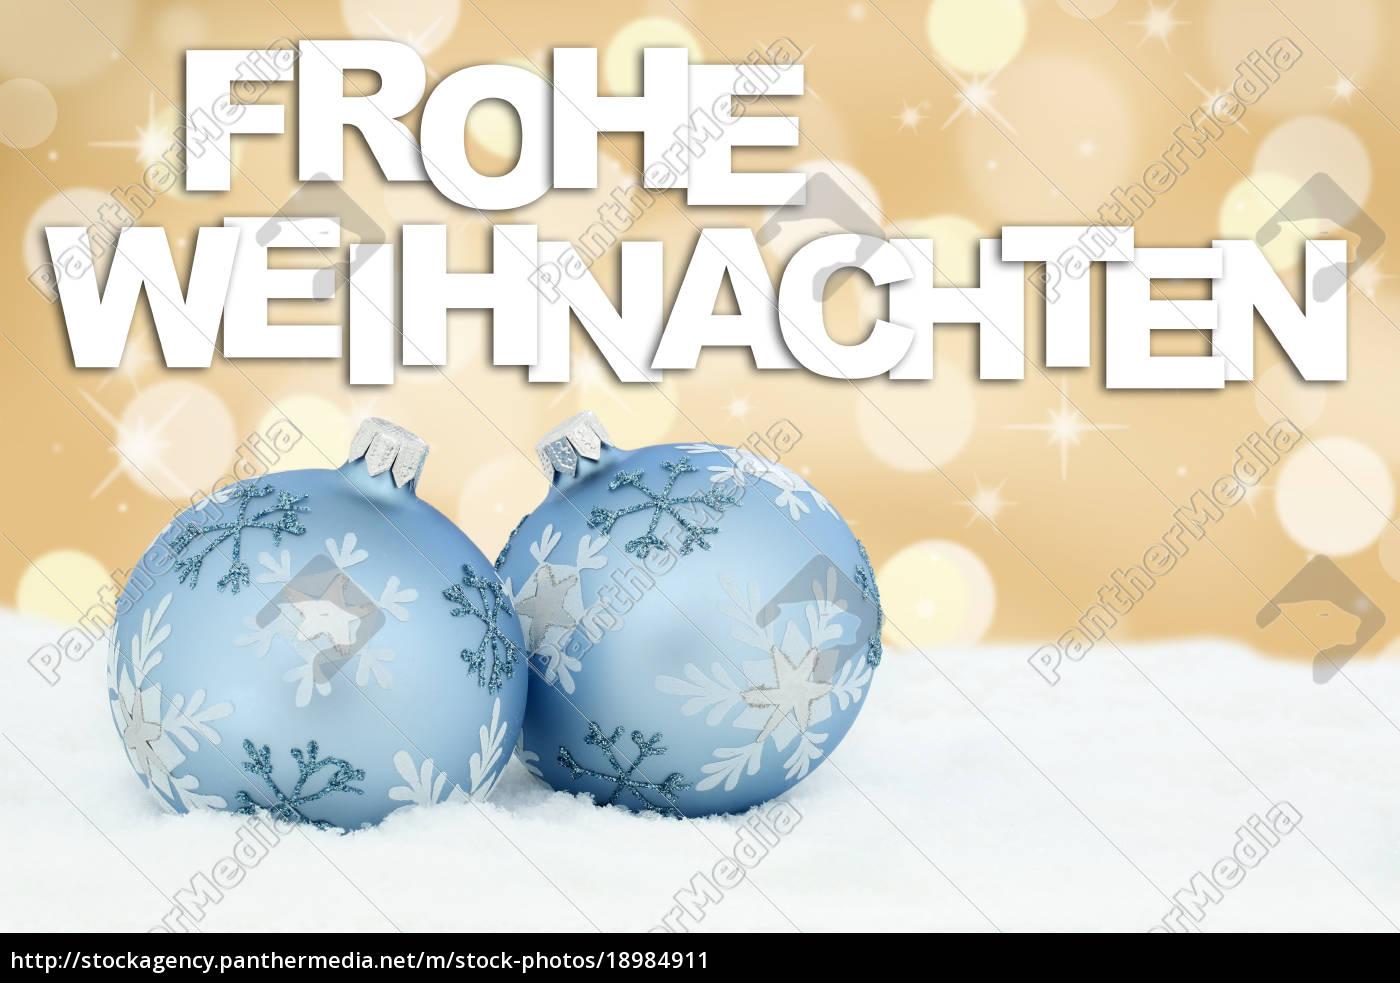 Frohe Weihnachten Gold.Lizenzfreies Bild 18984911 Frohe Weihnachten Gold Weihnachtskarte Karte Weihnachtsdeko